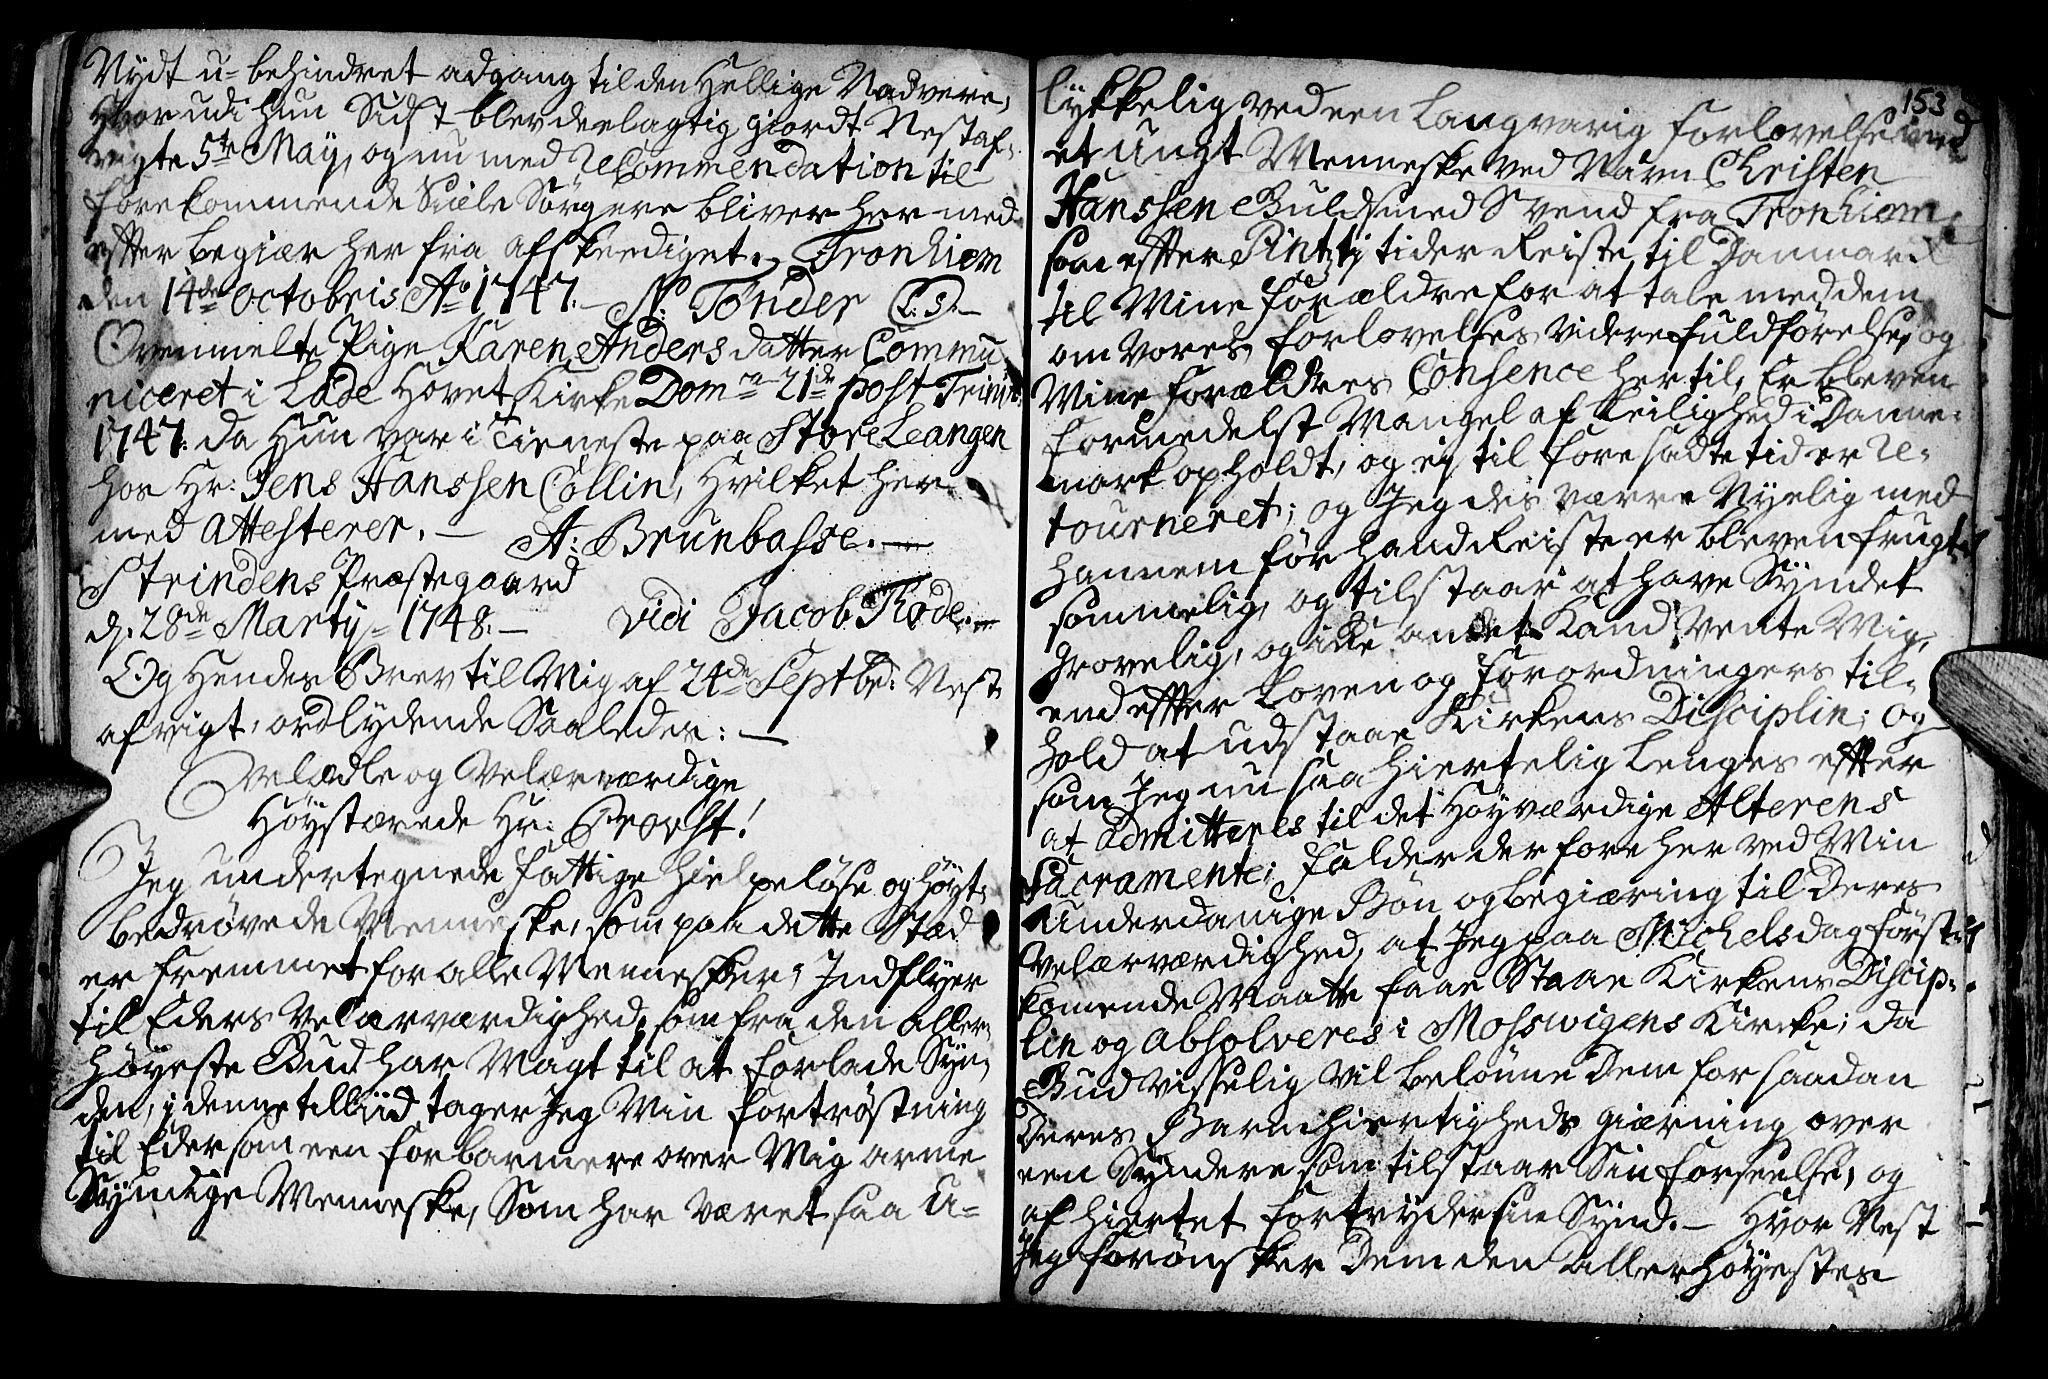 SAT, Ministerialprotokoller, klokkerbøker og fødselsregistre - Nord-Trøndelag, 722/L0215: Ministerialbok nr. 722A02, 1718-1755, s. 153